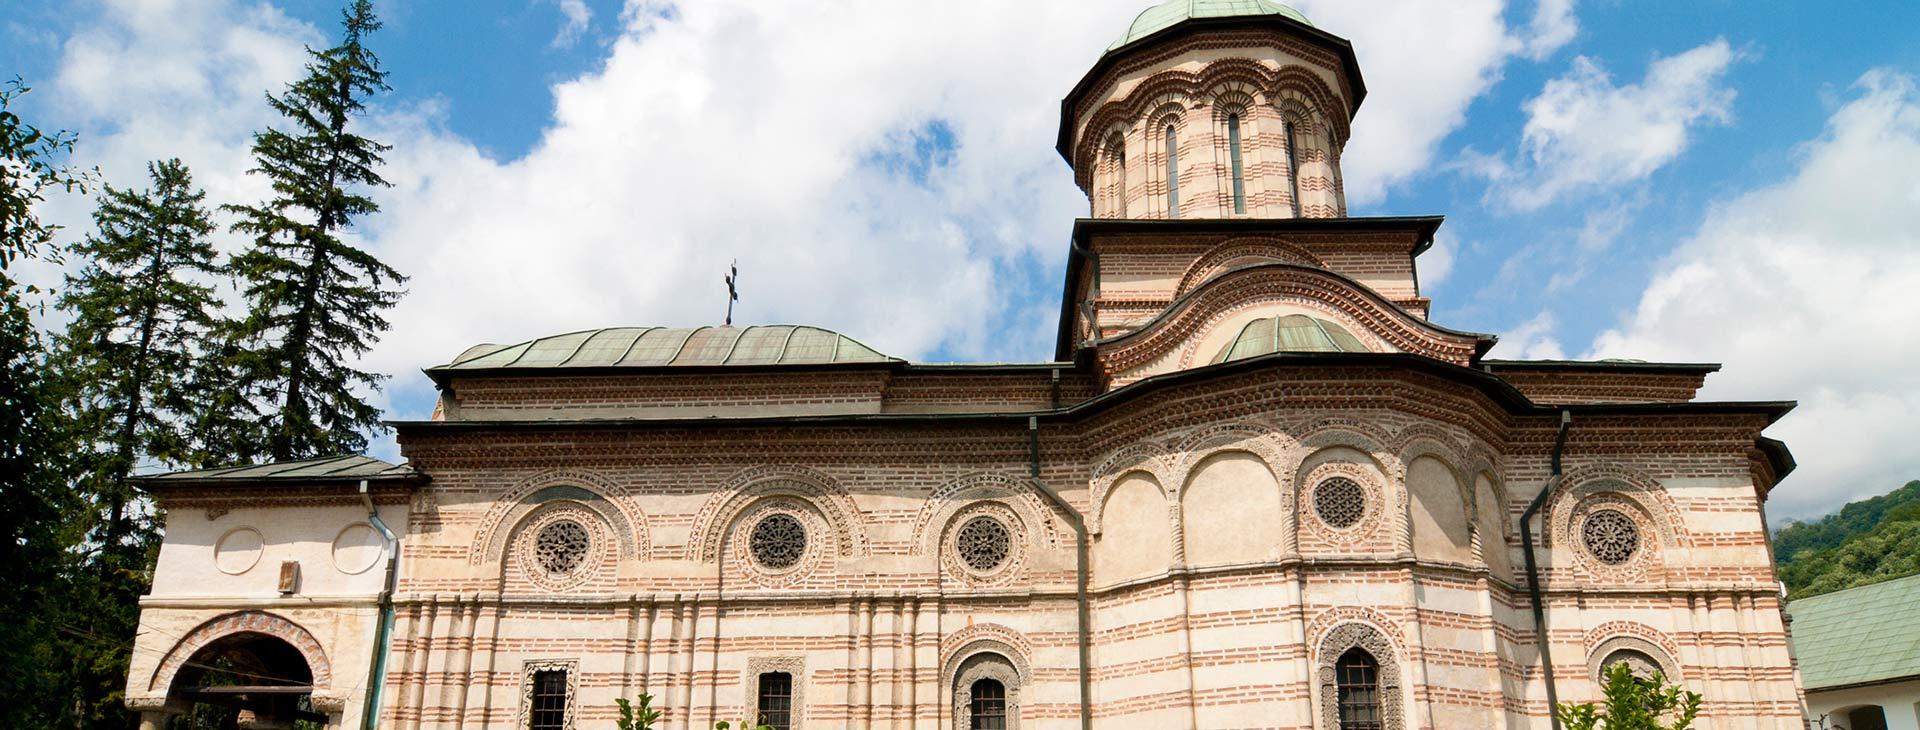 Bułgaria I Rumunia - Siedmiogród I Góry Bałkan